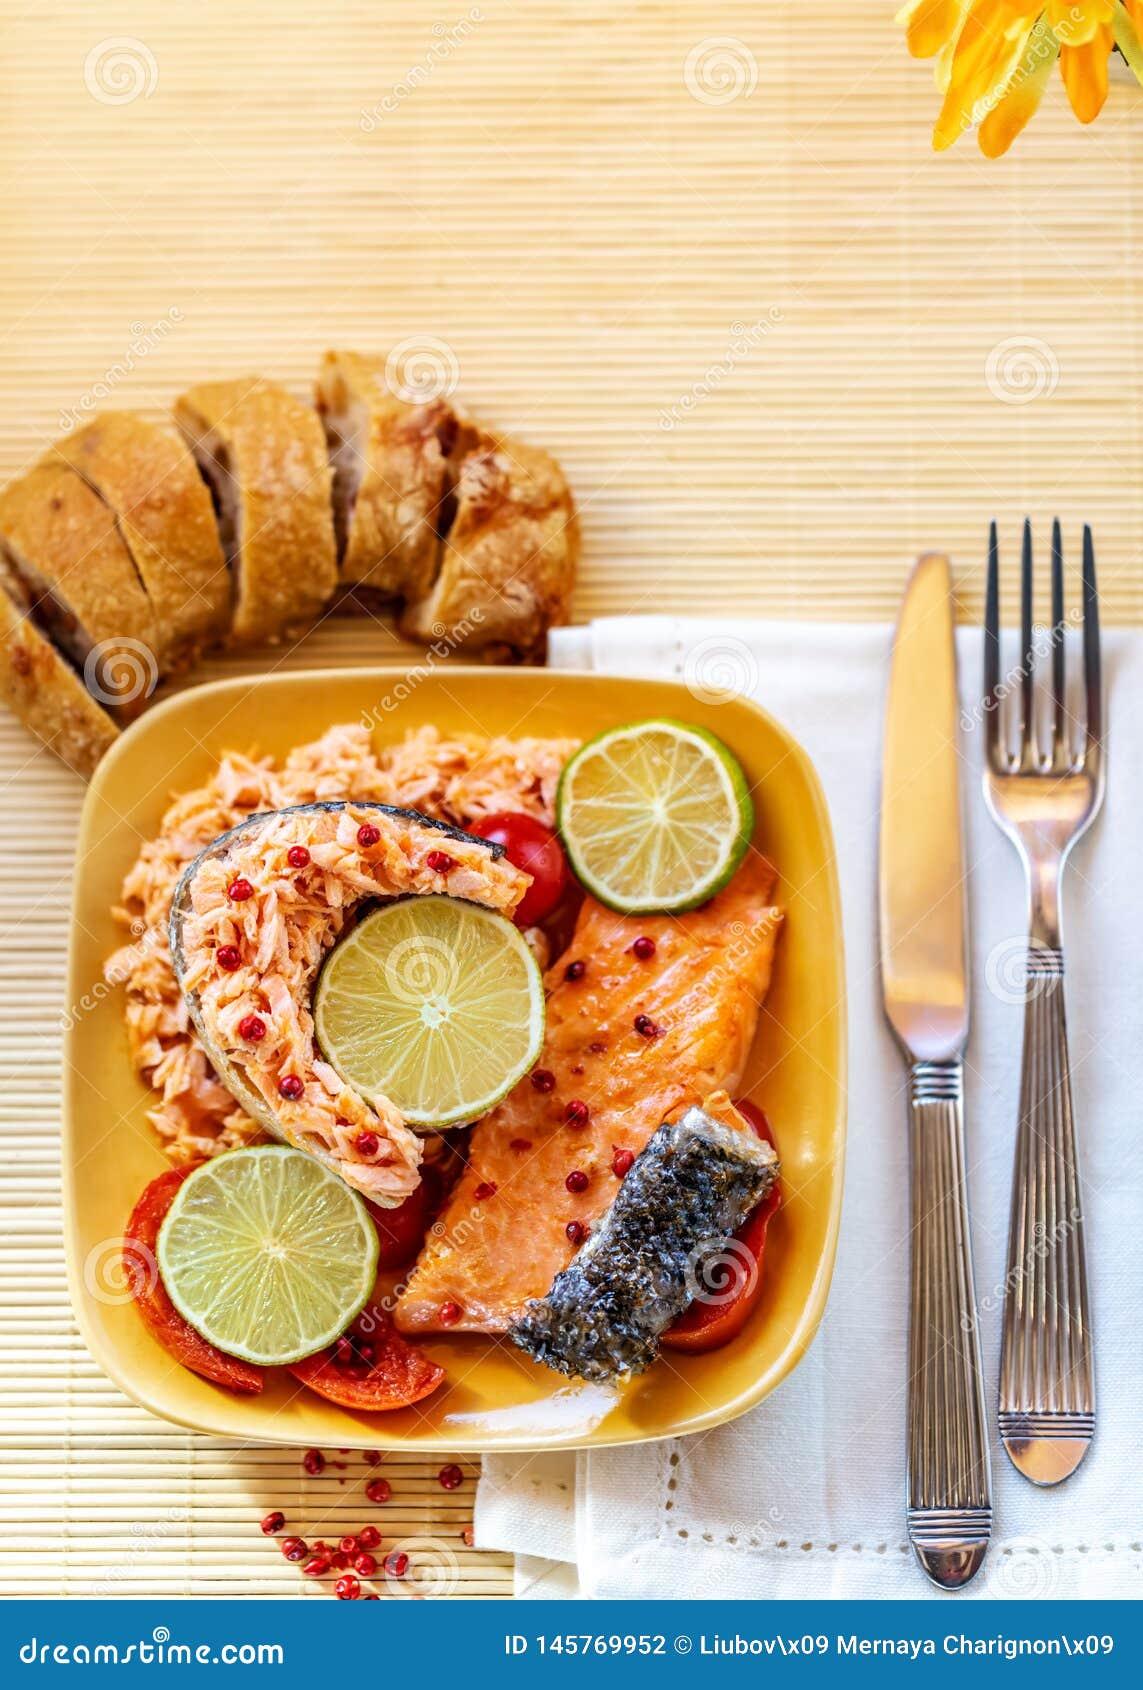 Γεμισμένα ψάρια ένας σολομός με τις φέτες ενός λεμονιού ή ενός ασβέστη σε ένα πιάτο